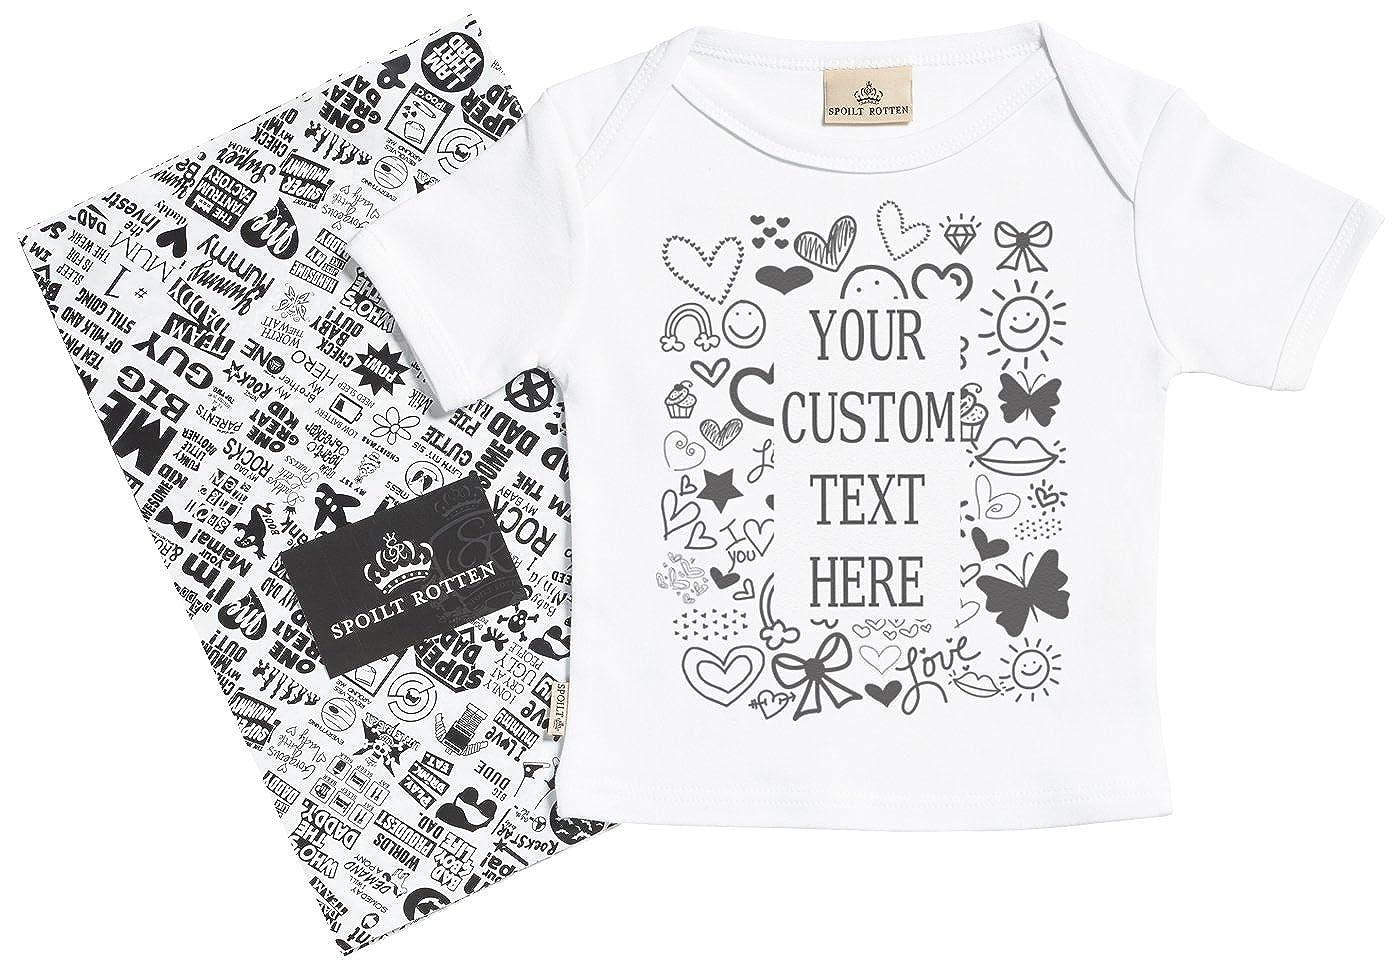 687ea6d46 Spoilt Rotten Personalizados Bebé Custom Text Here Camisetas Personalizados  Para Bebé Niño - Camisetas Personalizados Para Bebé Niña - Conjunto Regalo  del ...